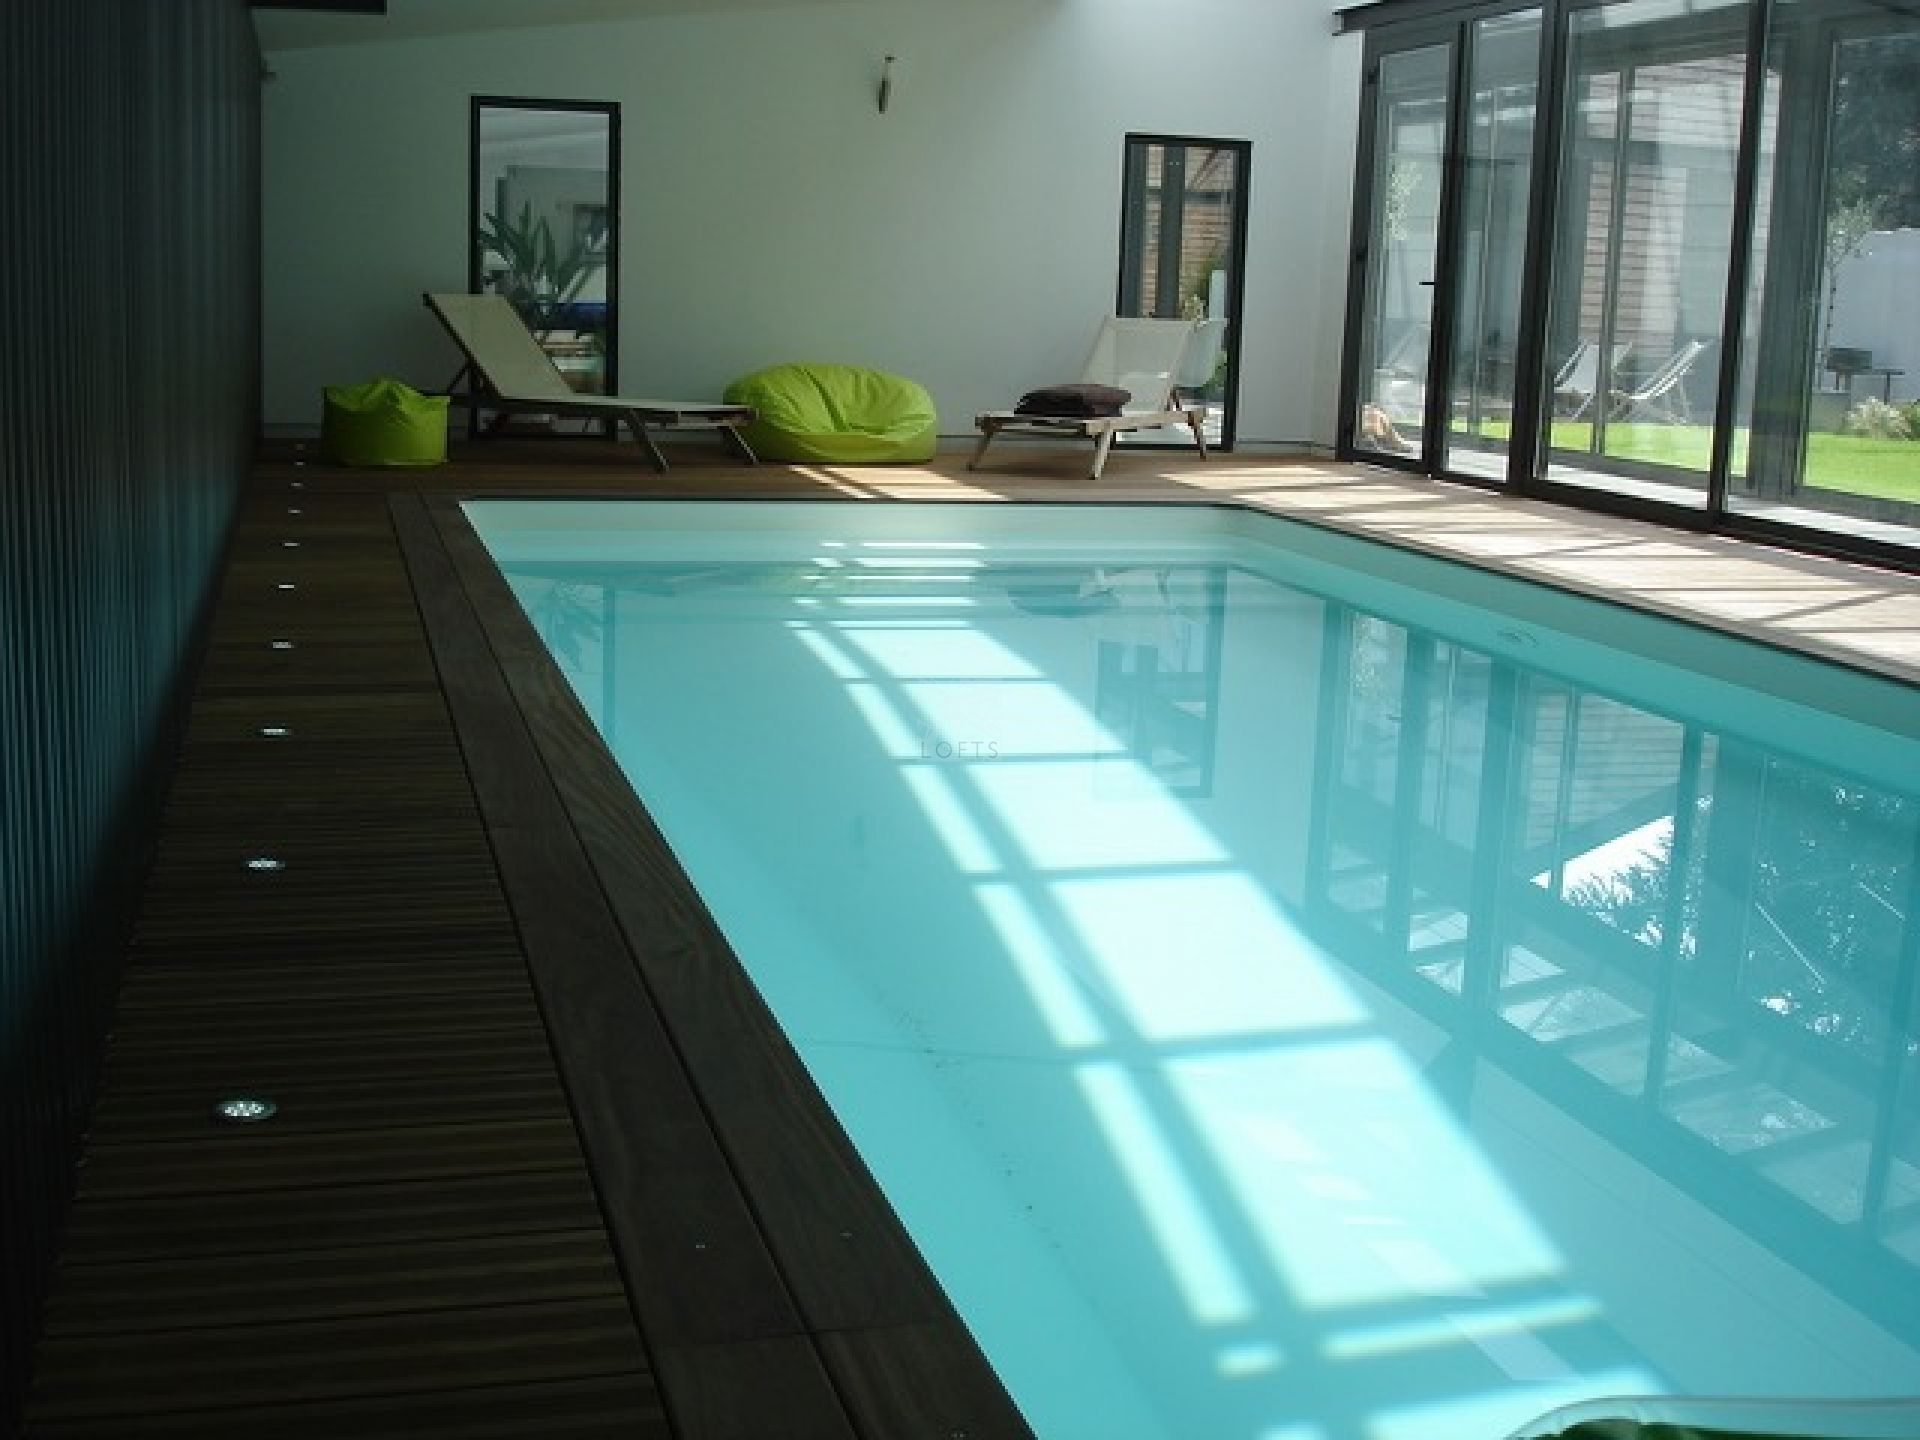 Maison loft avec jardin et piscine interieure - Maison piscine interieure ...